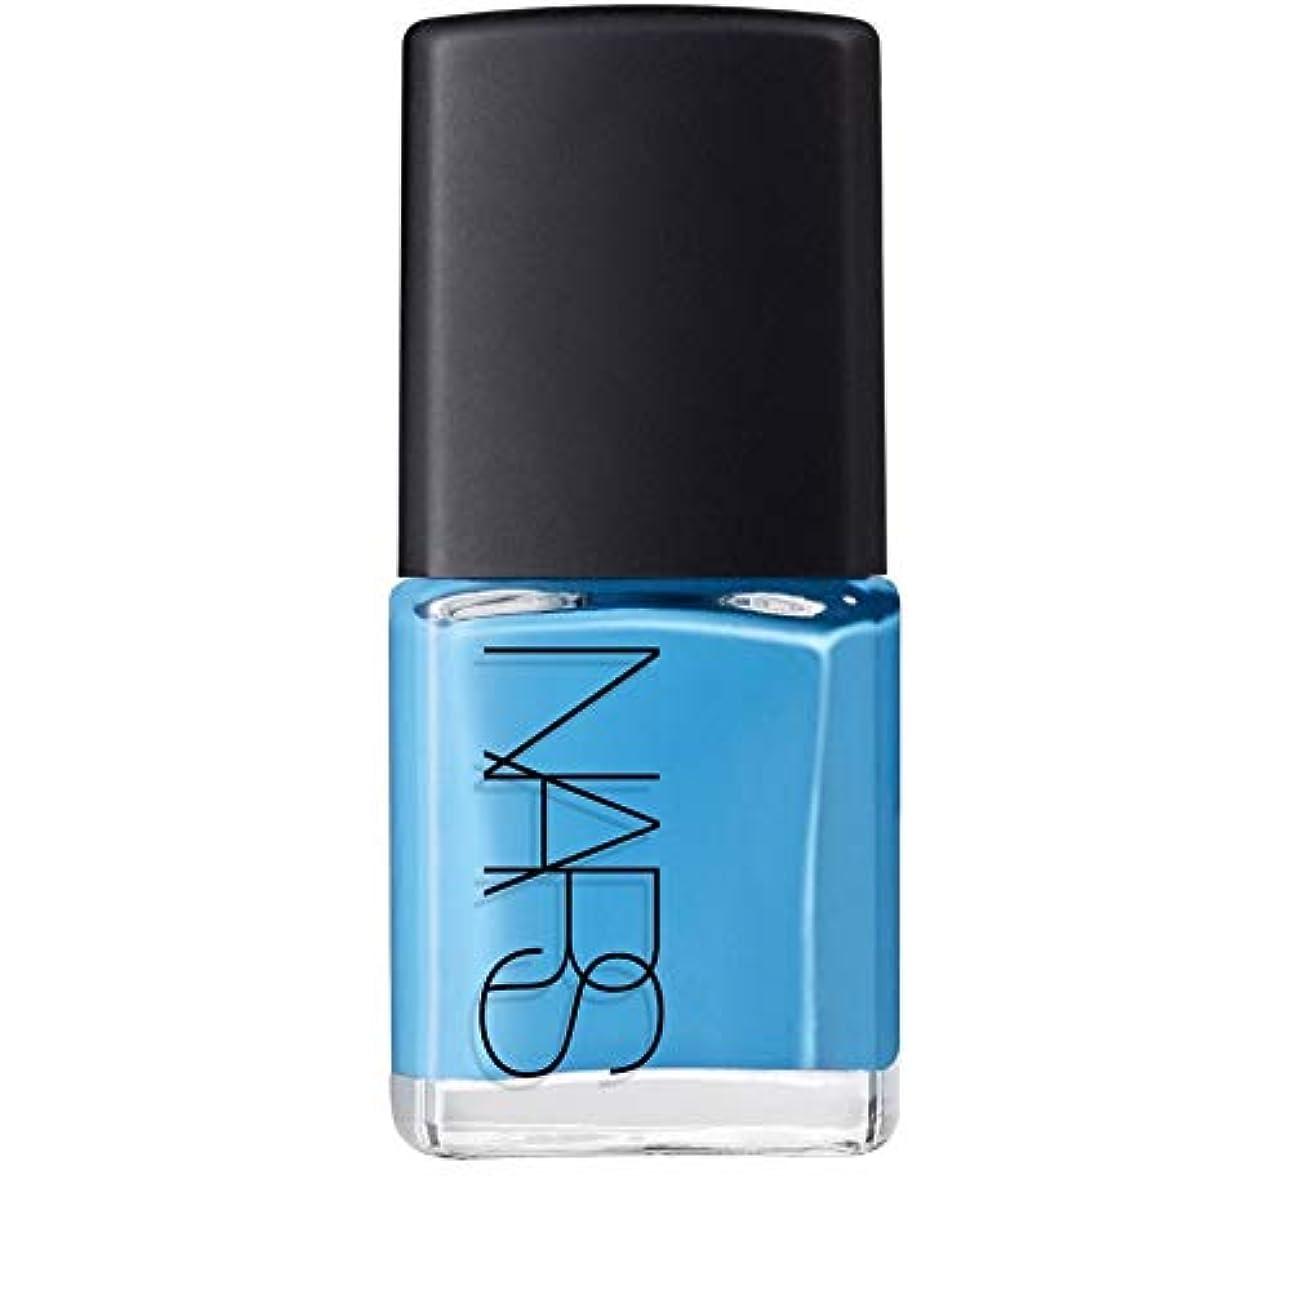 十億後ろに自分自身[Nars] 生きるライトブルーでのNarマニキュア - Nars Nail Polish in Ikiru Light Blue [並行輸入品]